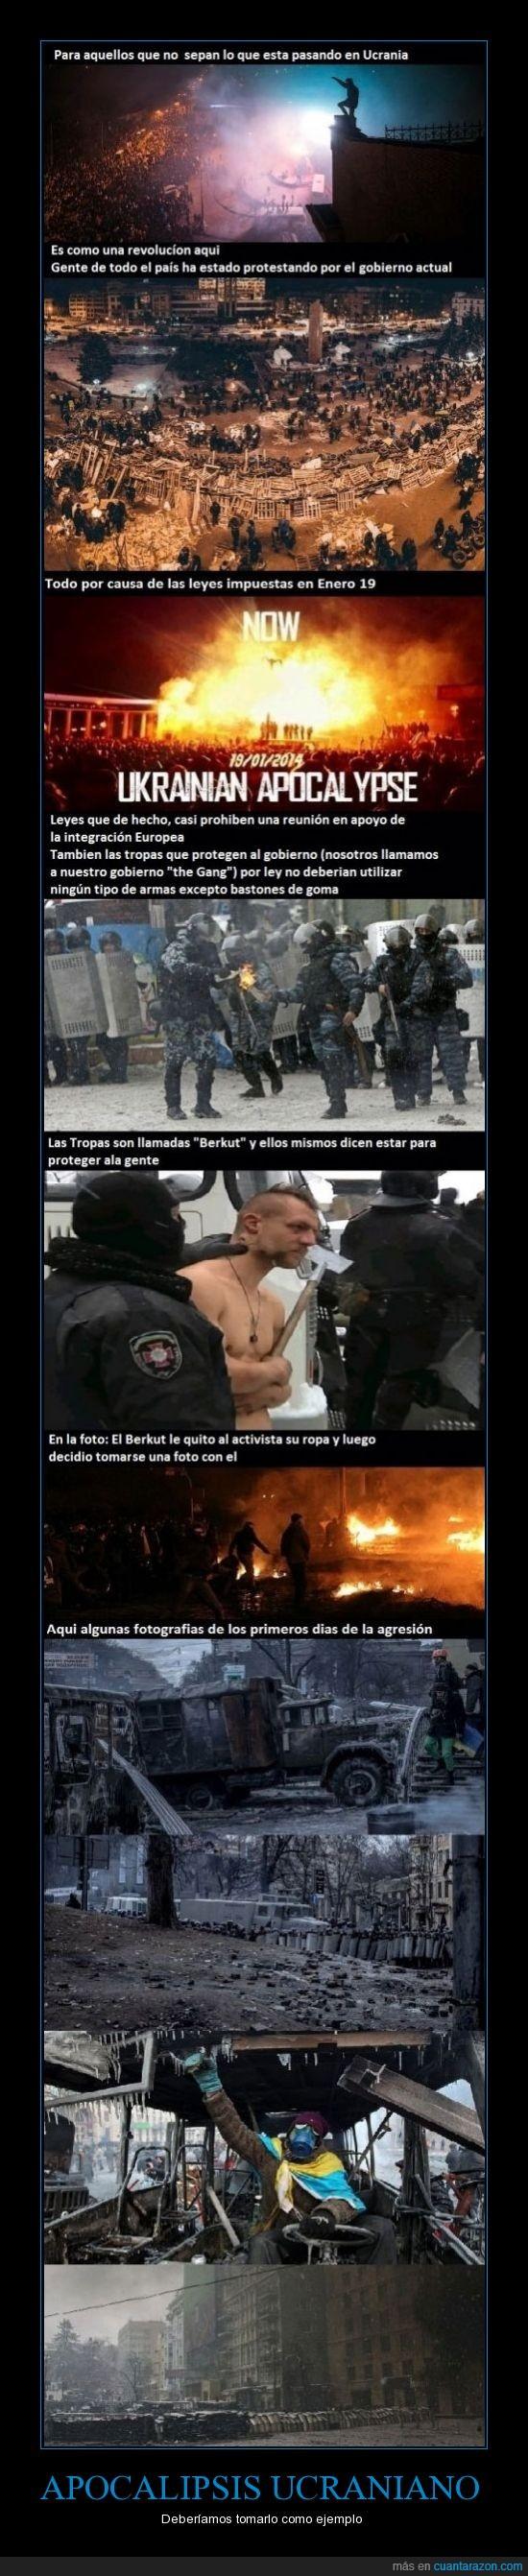 2014,apocalipsis,el gobierno temerá al pueblo,manifestacion,policia,Revolución,Ucrania